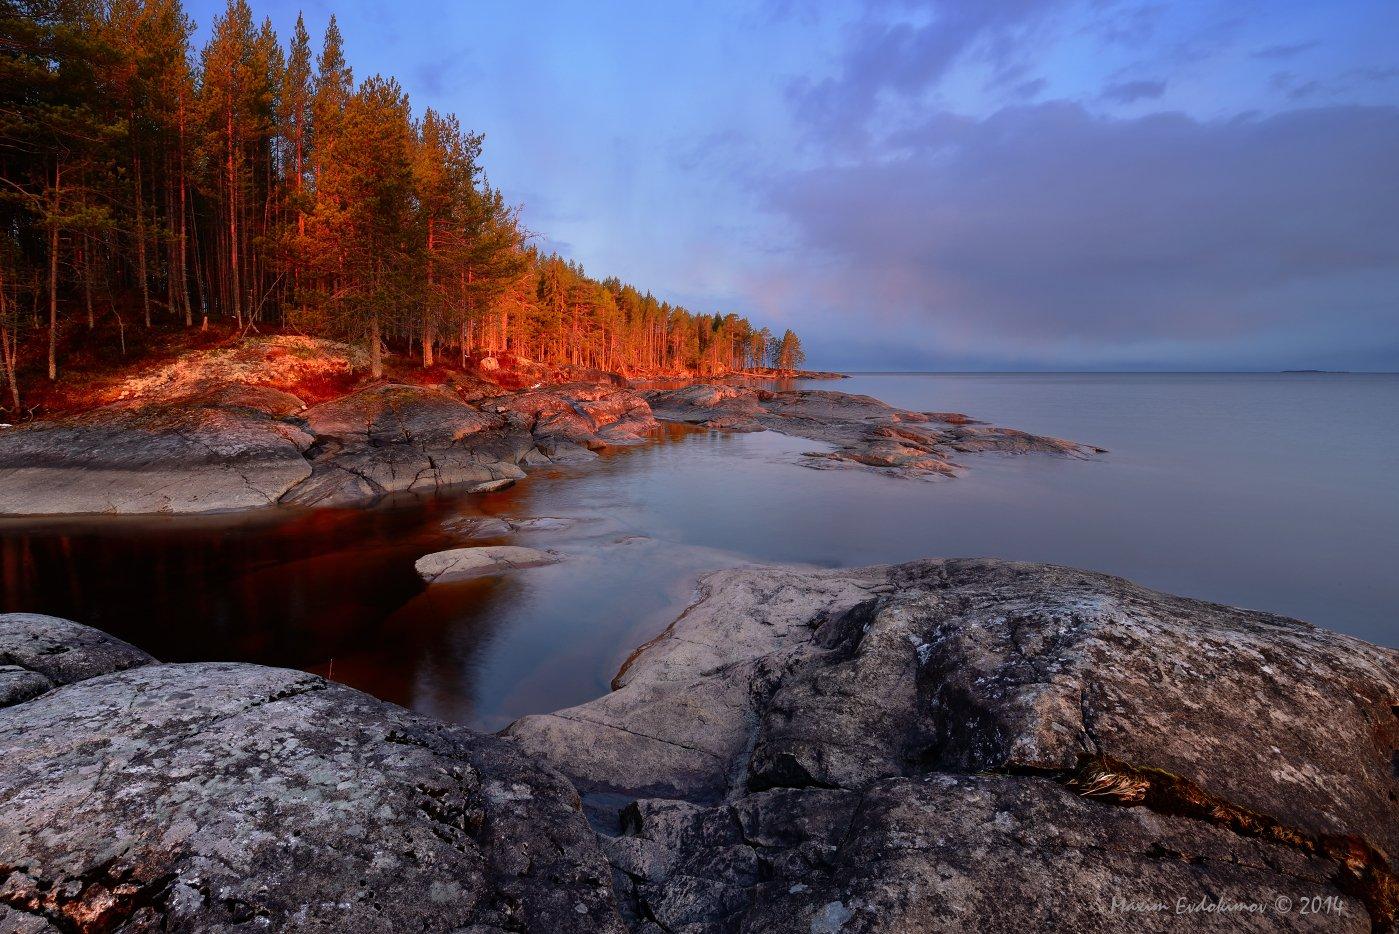 Онего, Онежское озеро, Максим Евдокимов